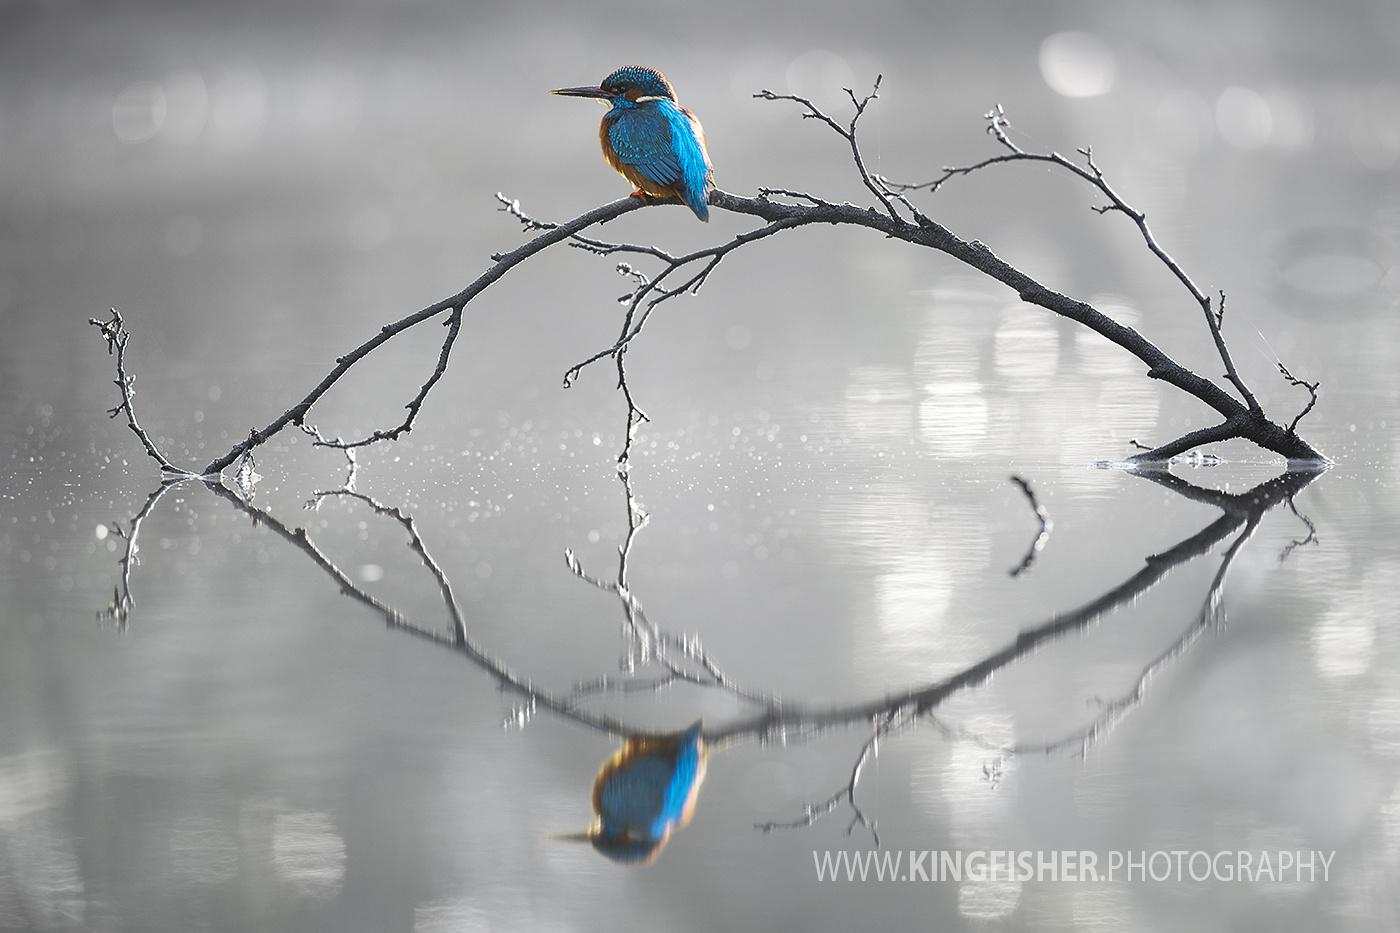 Reflection by Corné van Oosterhout